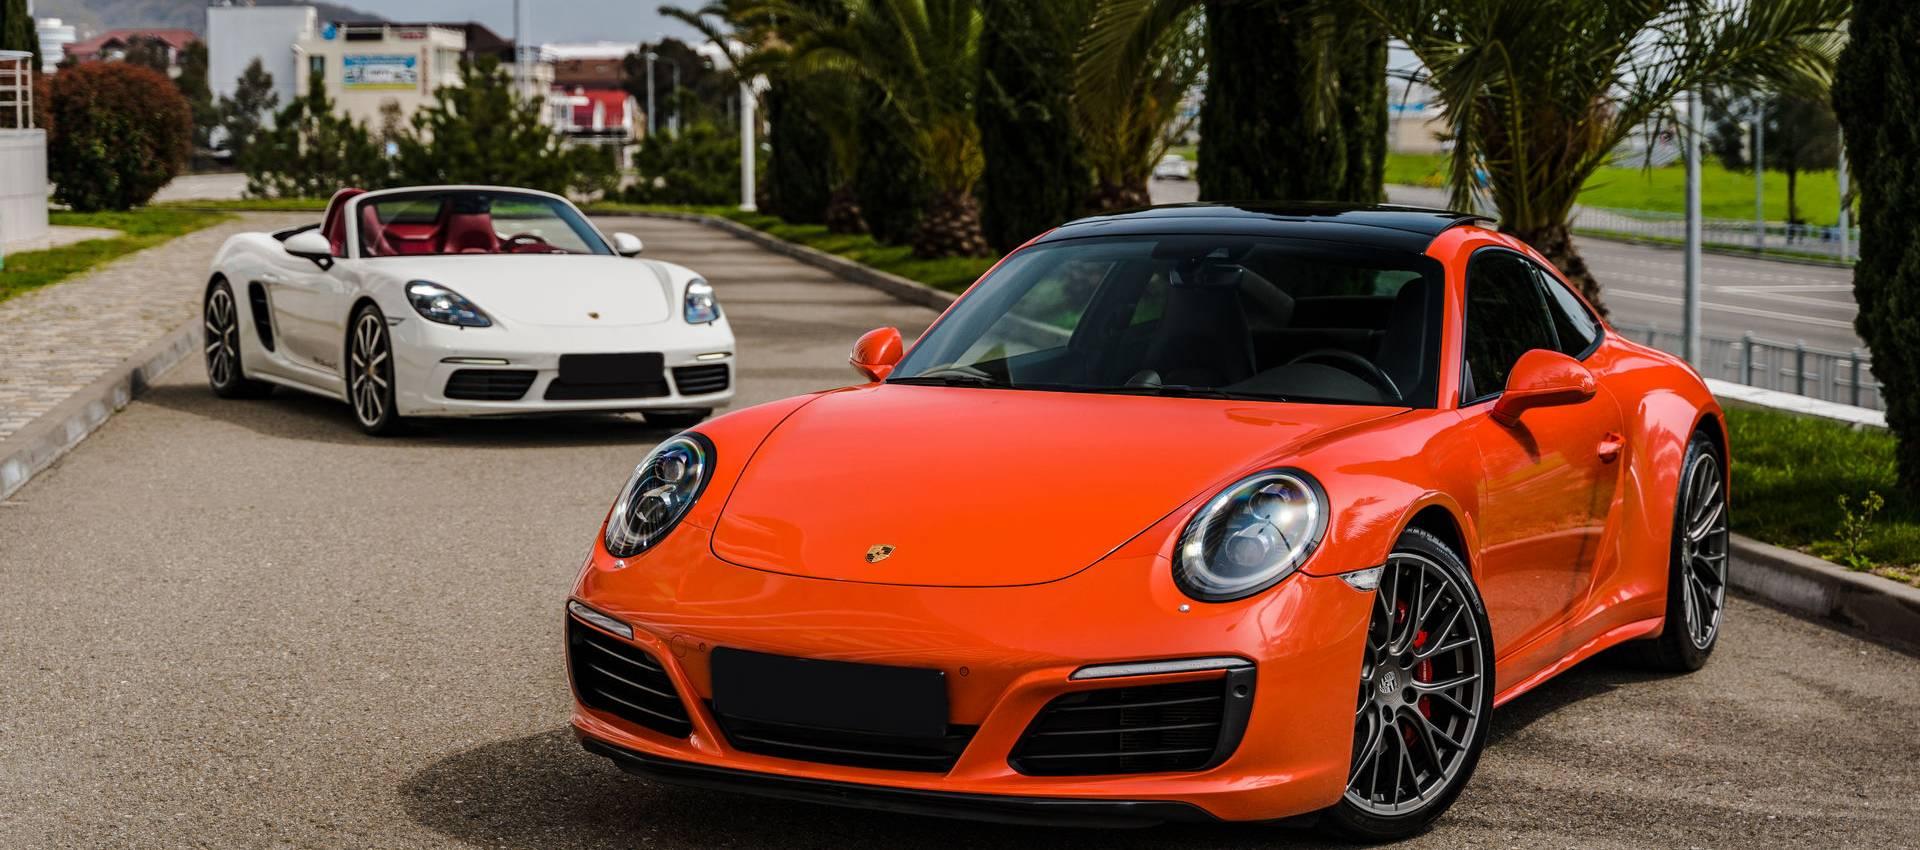 Аренда автомобилей Porsche в Сочи